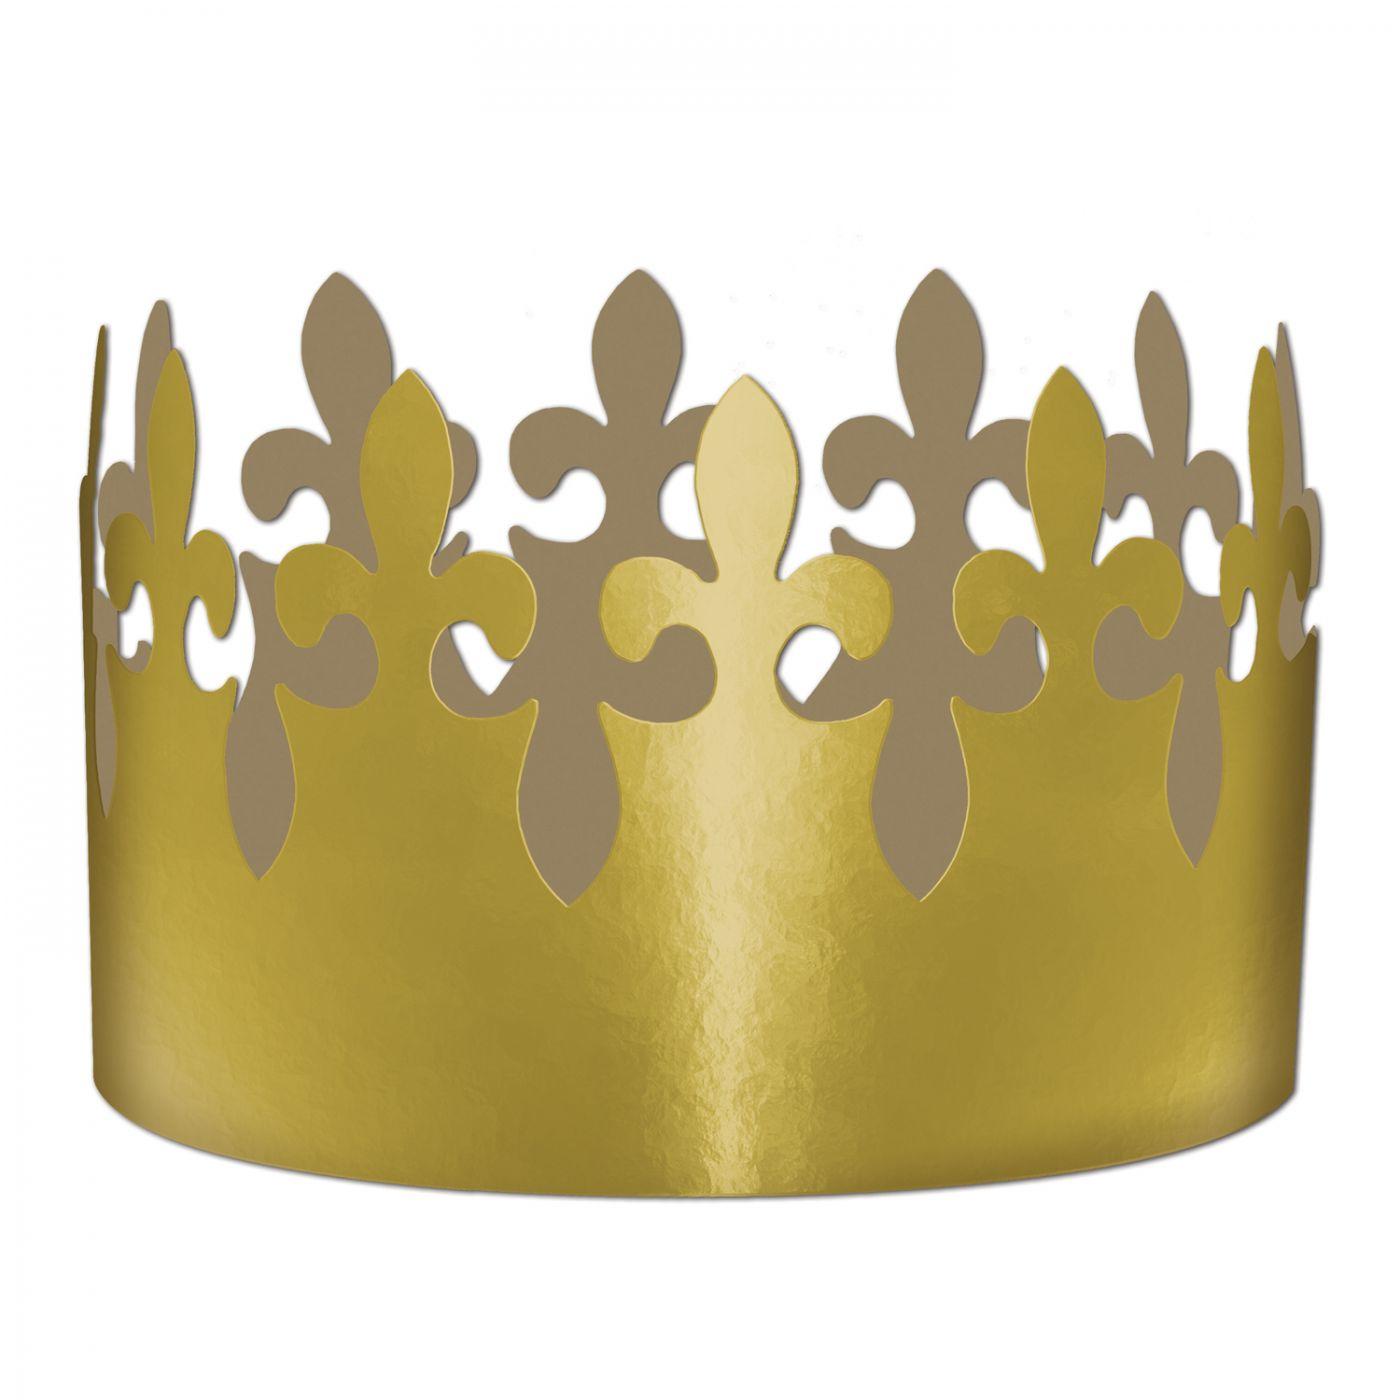 Gold Foil Fleur De Lis Crown (72) image